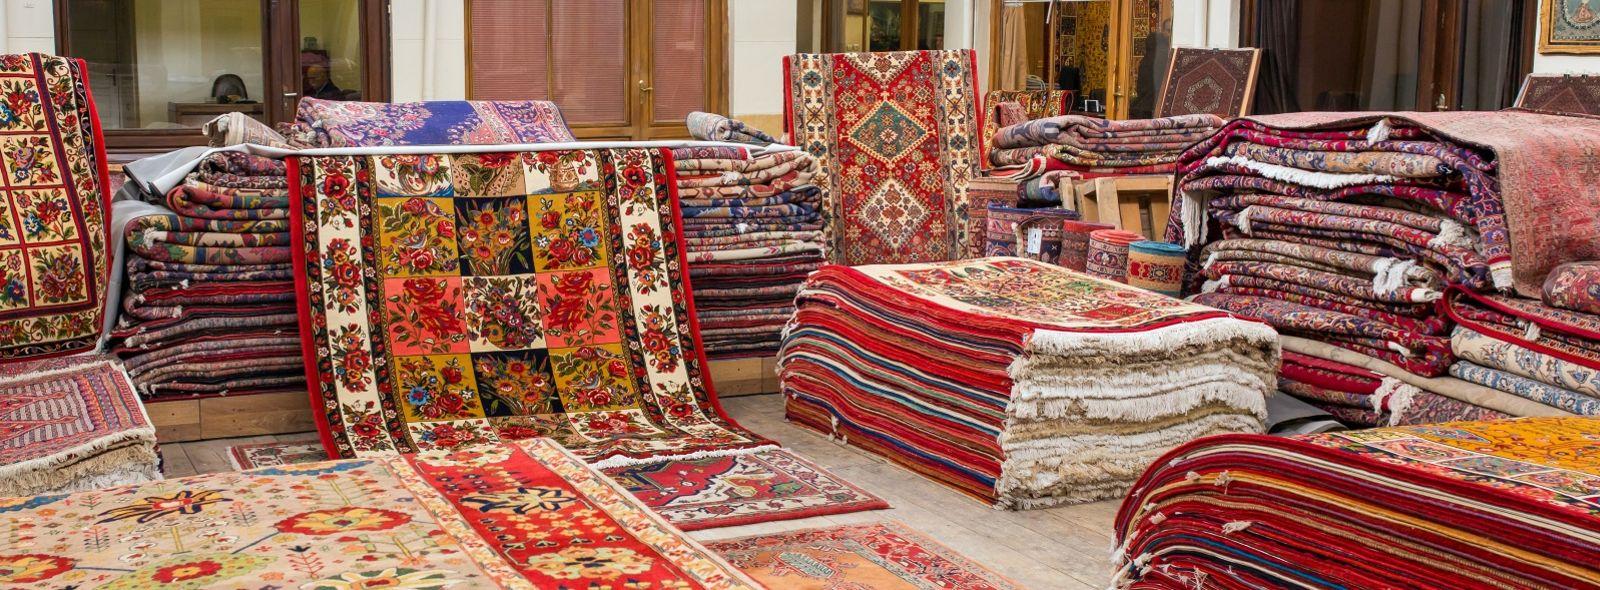 Dove comprare tappeti persiani milano trovami - Tappeti milano vendita ...